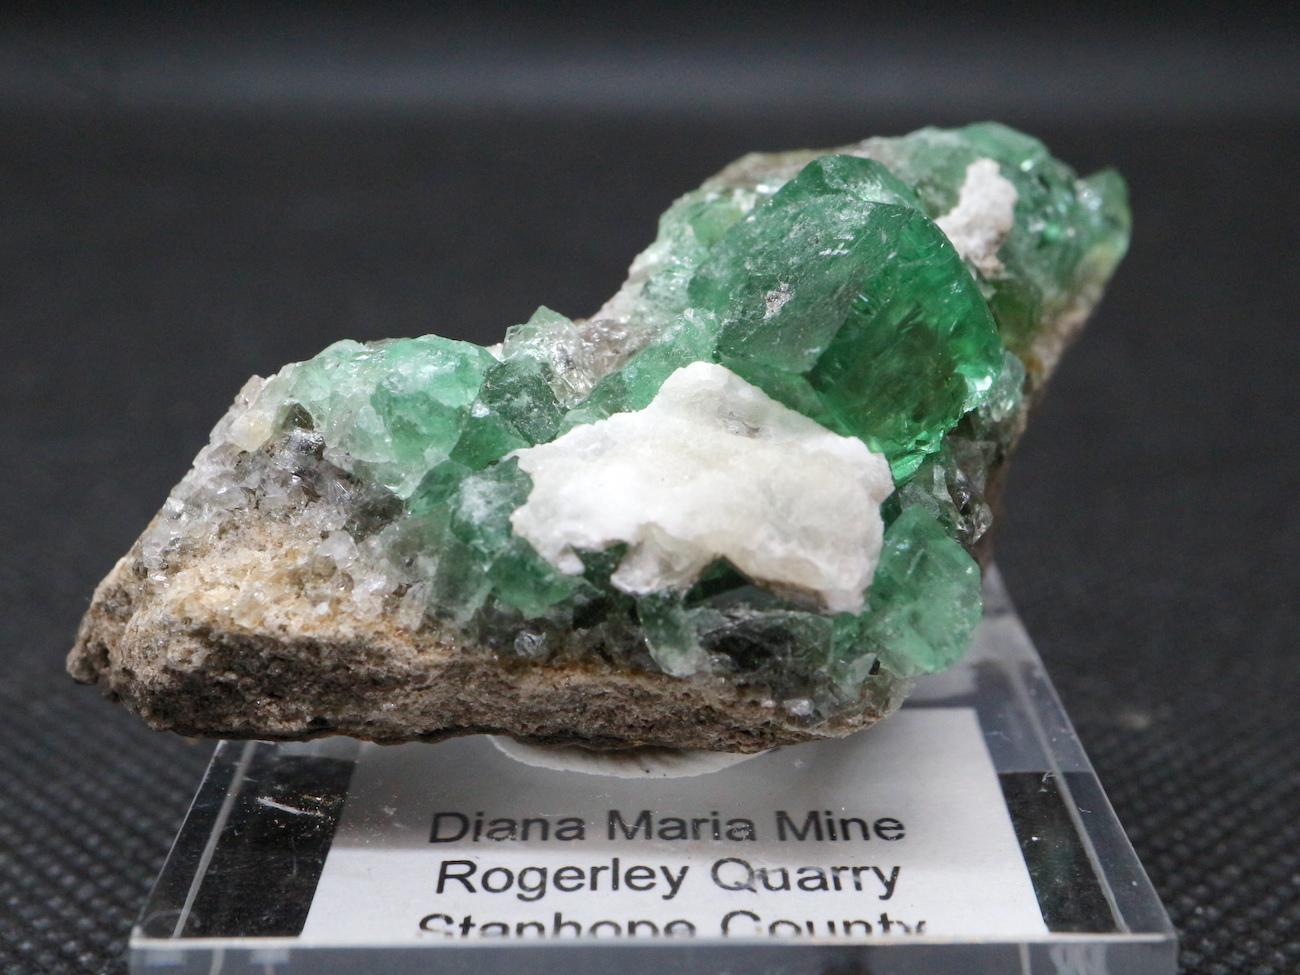 ロジャリー鉱山! グリーン フローライト 蛍石 原石 イギリス産 49g  FL027